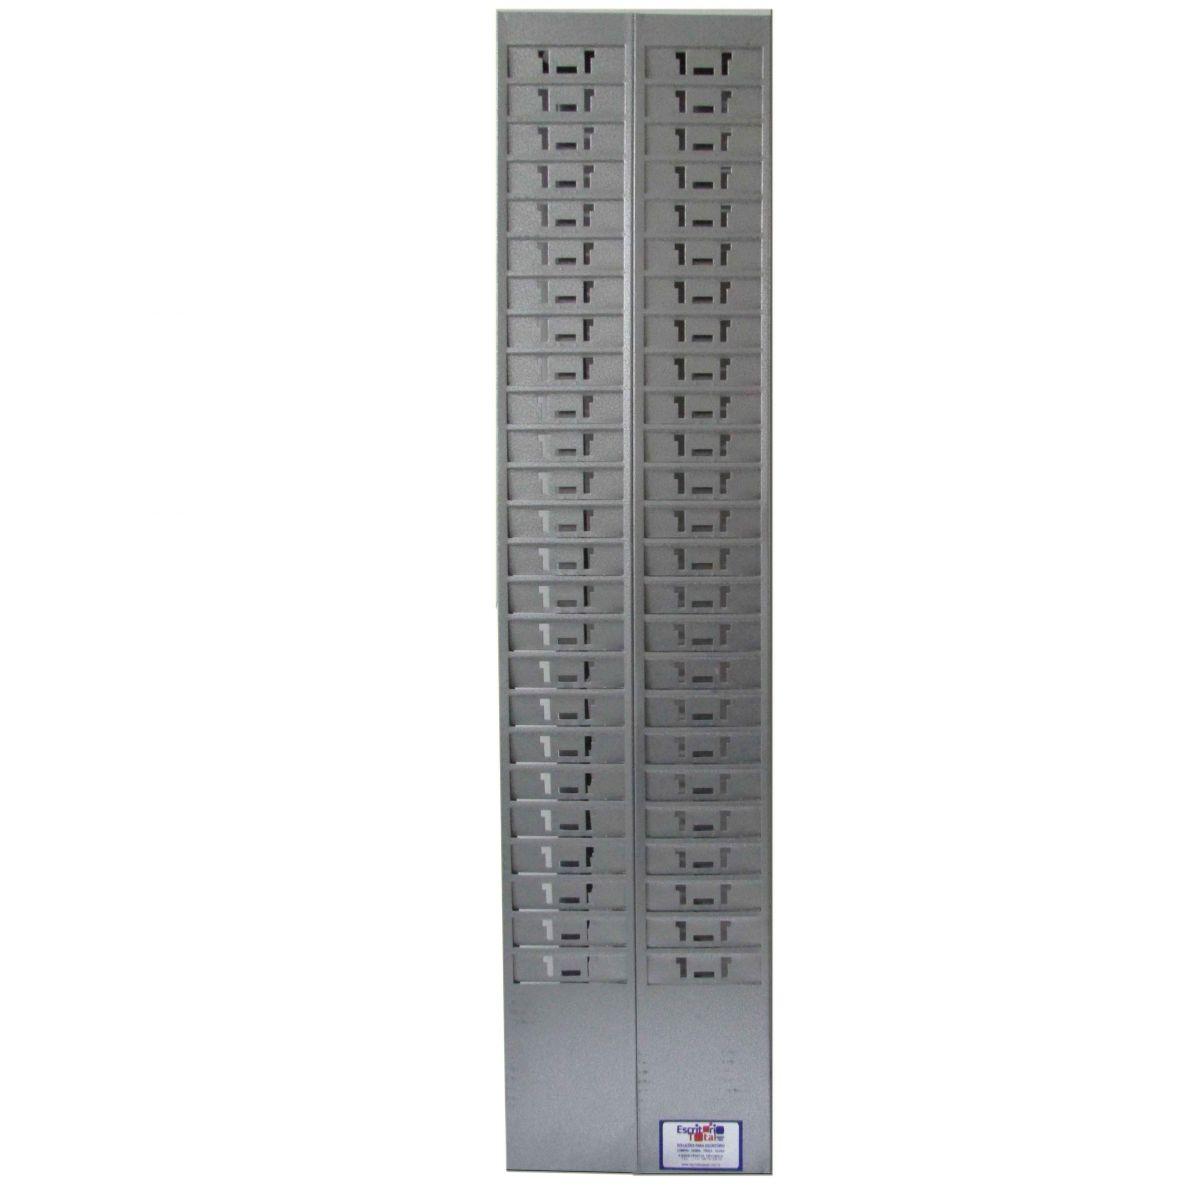 Chapeira para relógio de ponto cartográfico Escritório Total - 50 posições, metal pintura epoxi